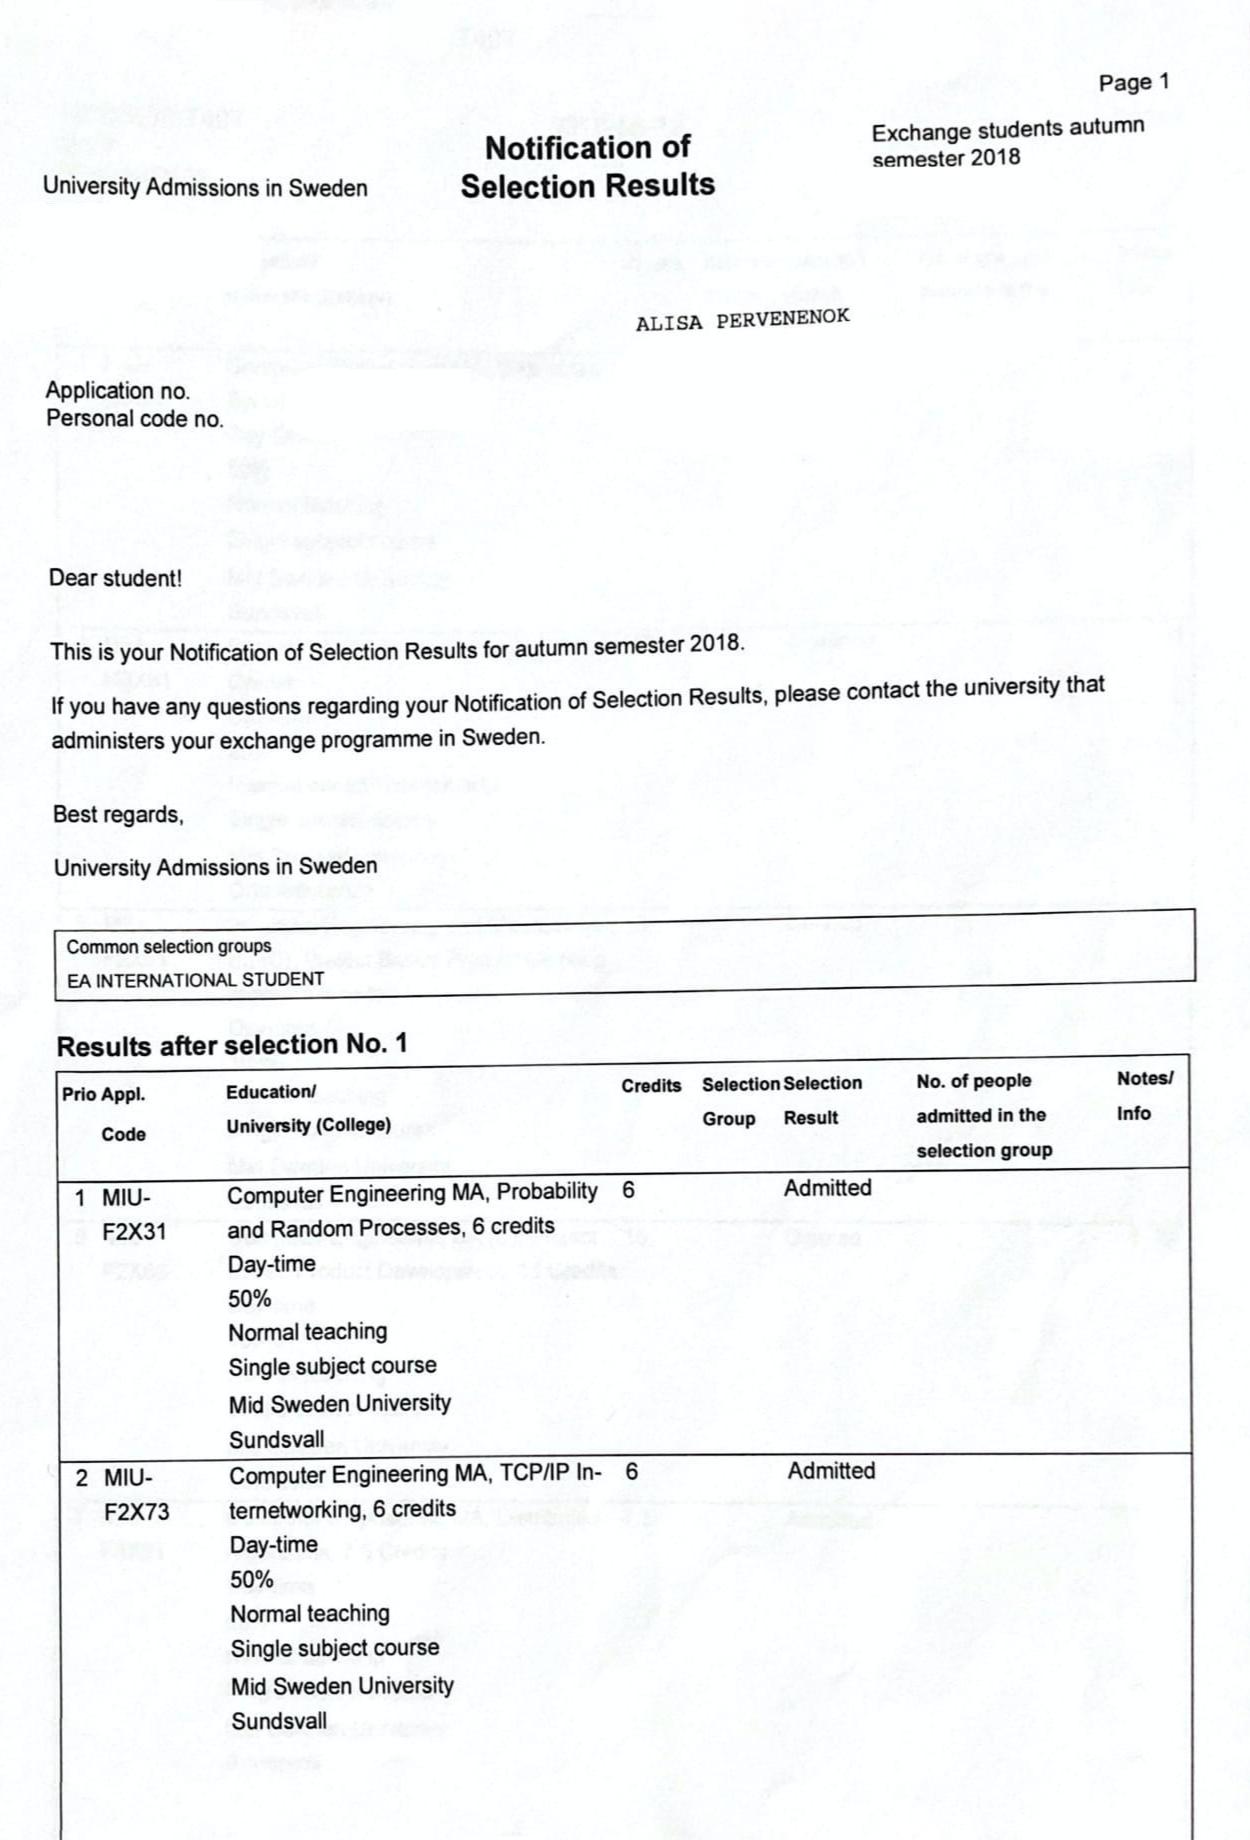 Это документы из университета для посольства Швеции. В них написано, что меня приняли напрограмму обучения, а также перечислены курсы, которые я выбрала